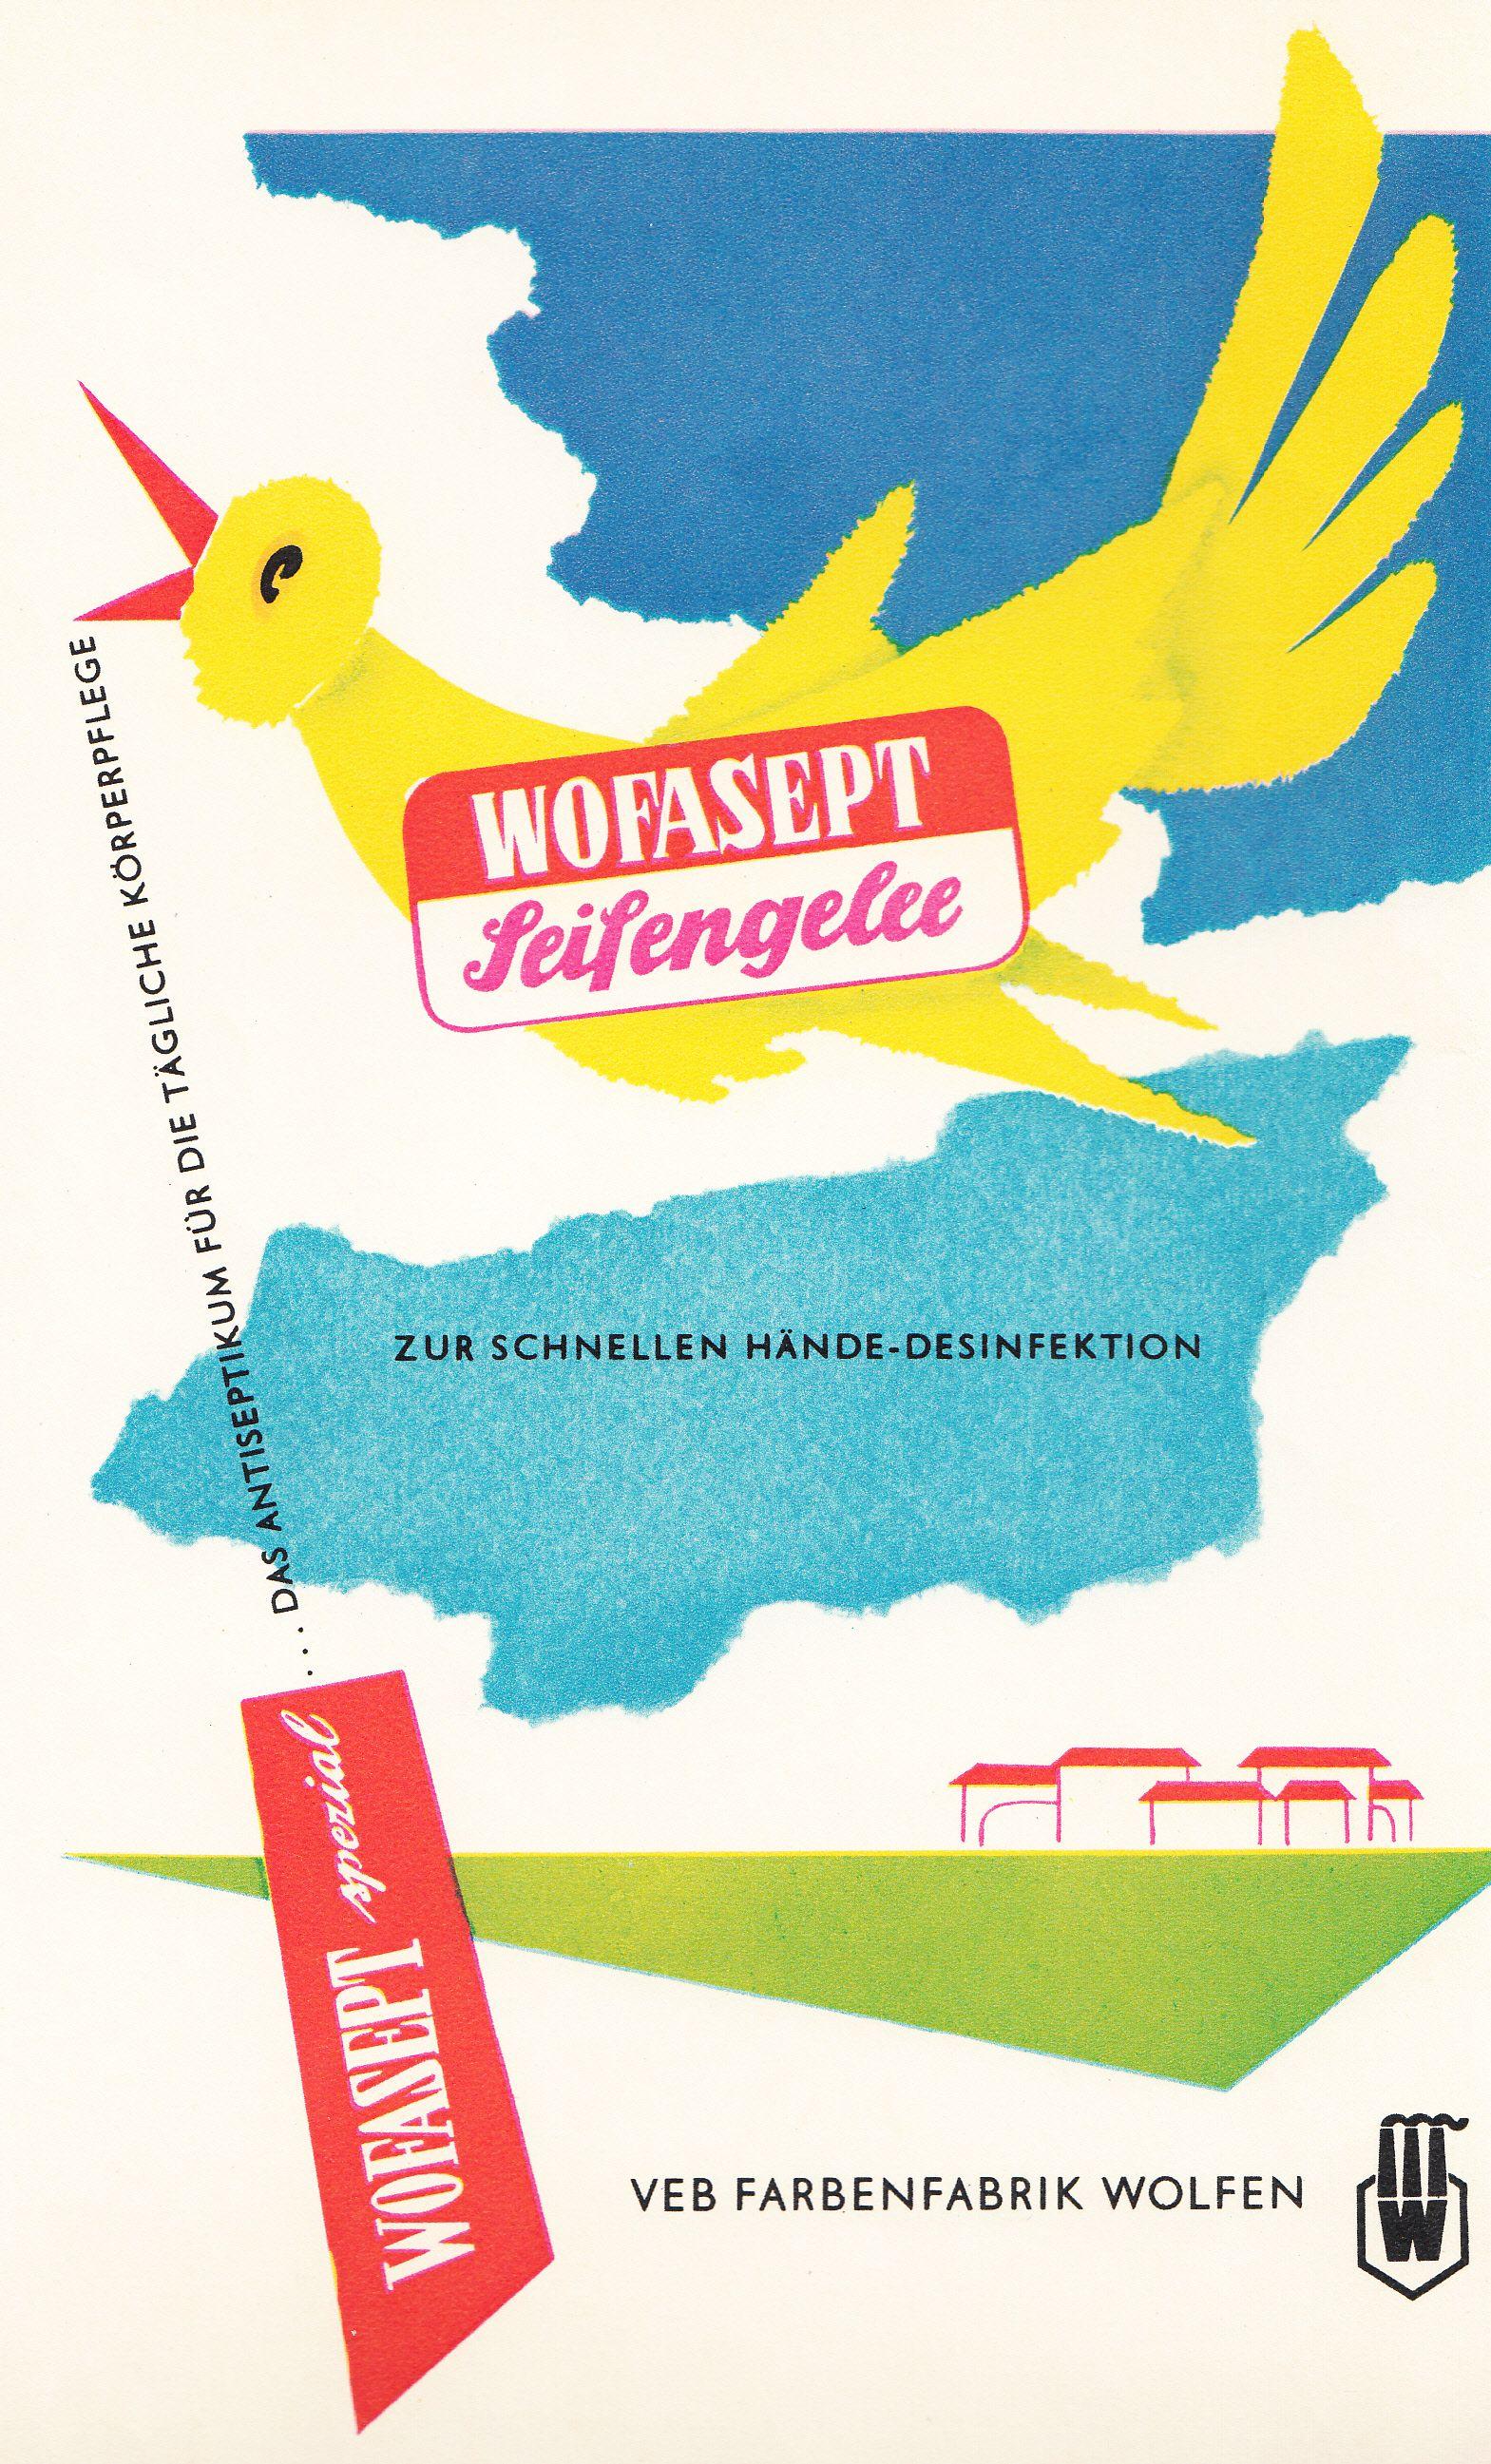 Wofasept Veb Farbenfabrik Wolfen East German Ad Ddr Werbung